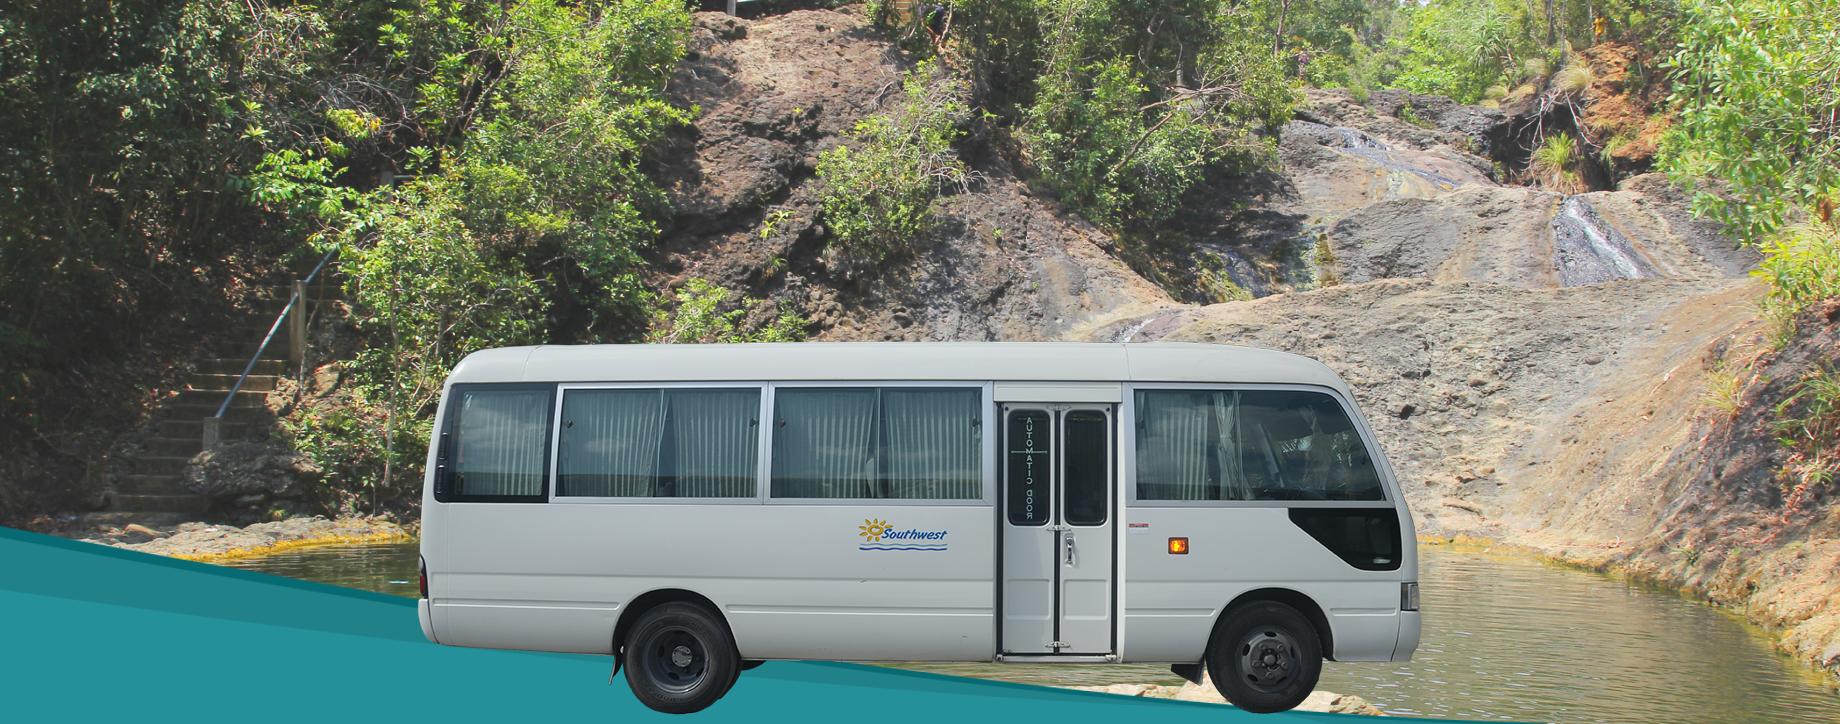 Minibus transfer from Kalibo to Tangalan